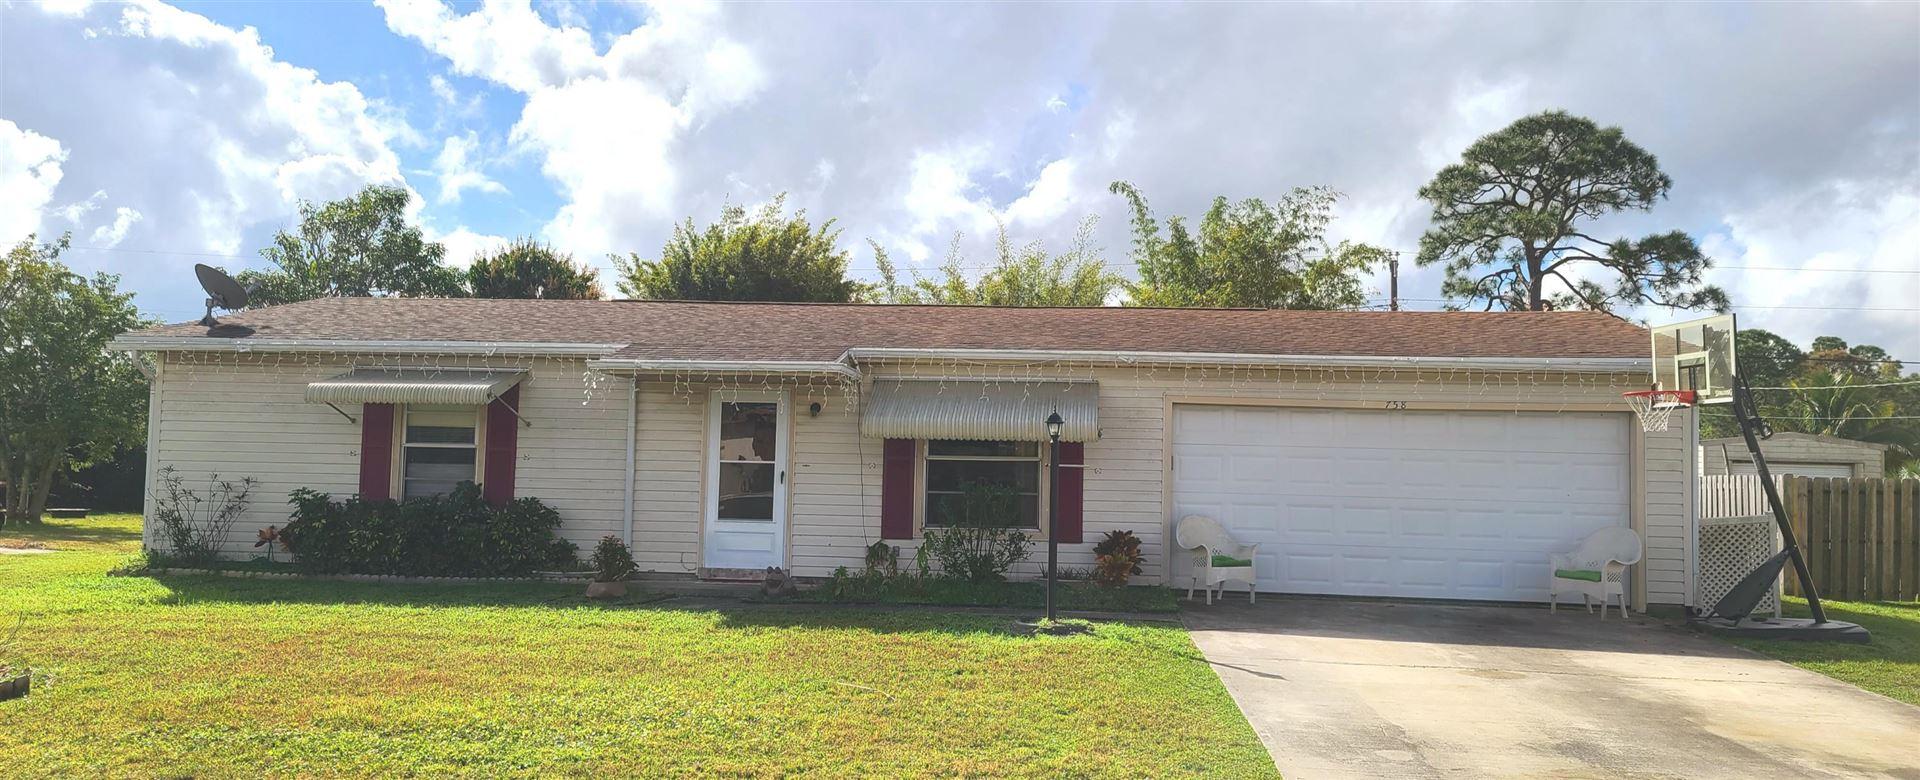 758 SE Brookedge Avenue, Port Saint Lucie, FL 34983 - #: RX-10691538